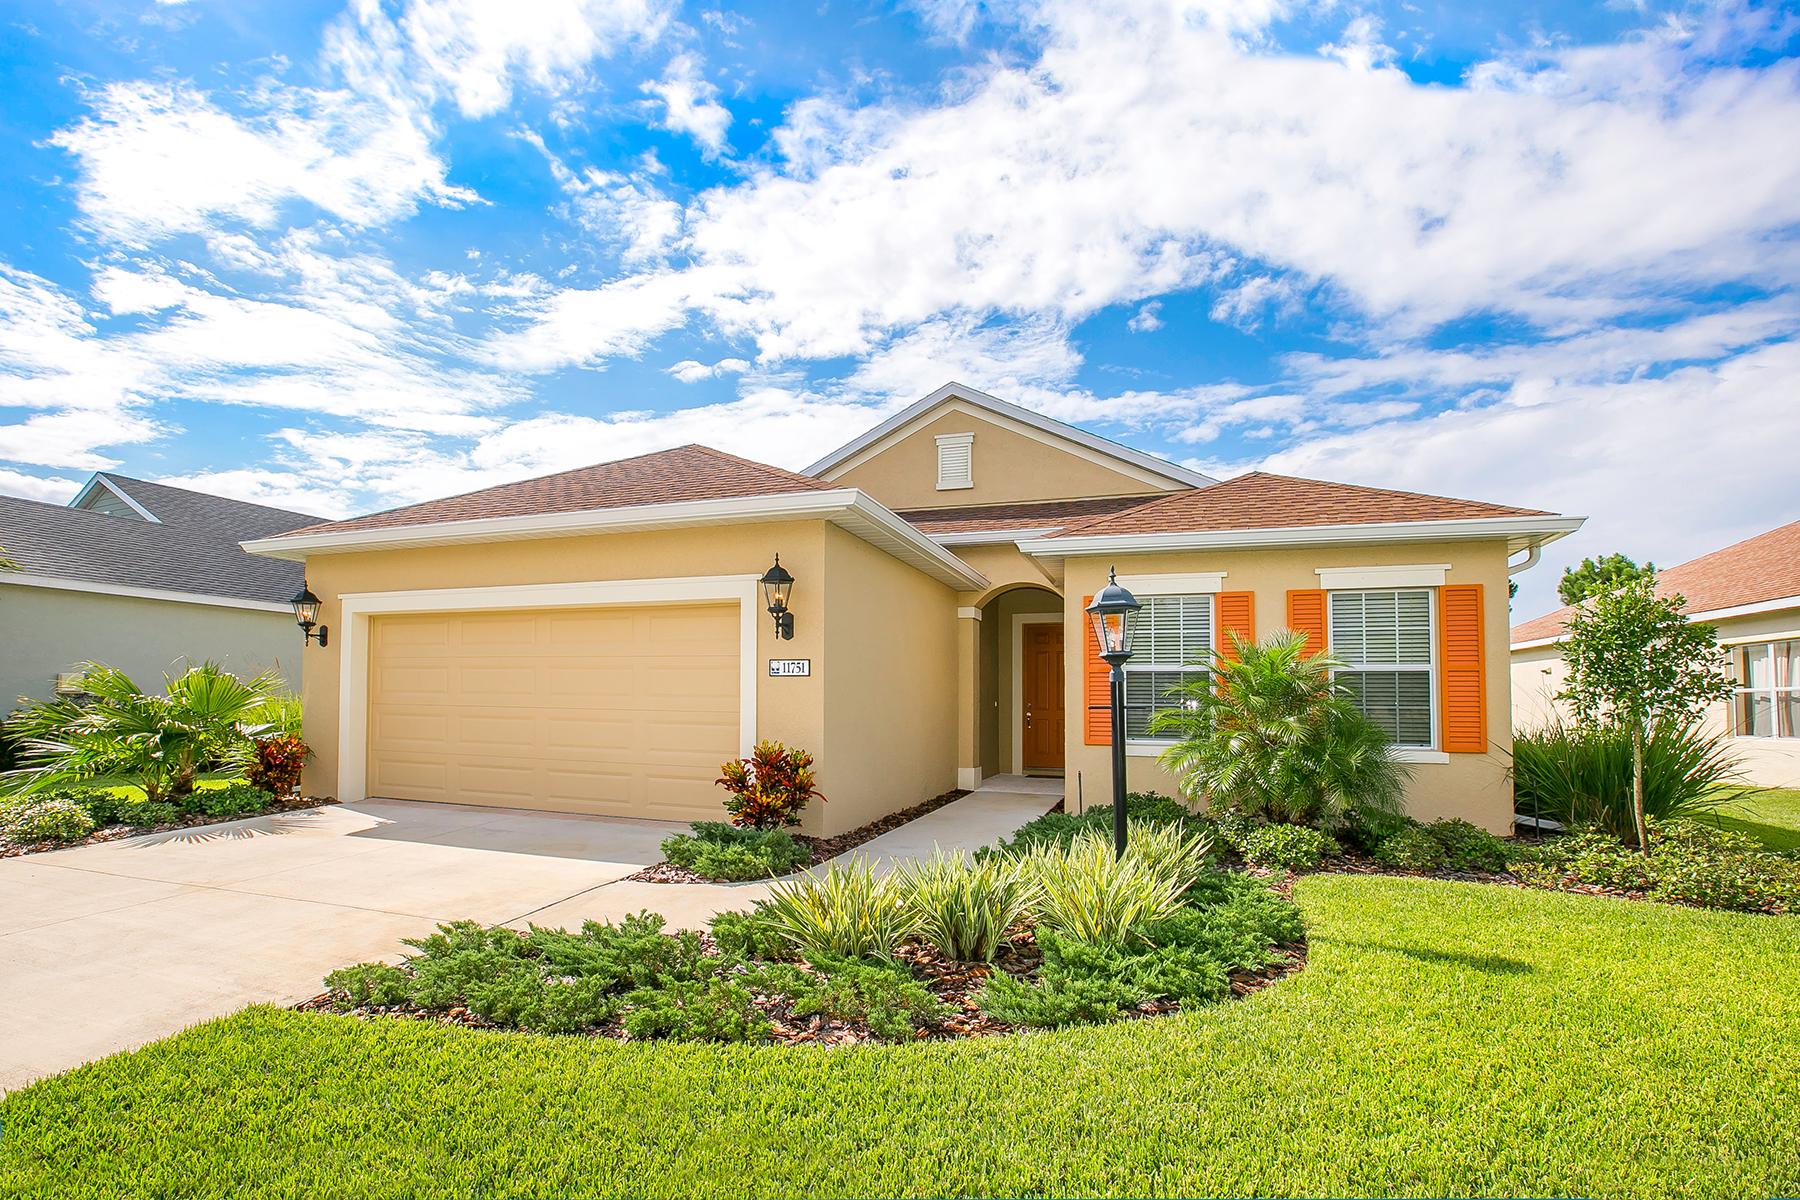 Moradia para Venda às FOREST CREEK 11751 Fennemore Way Parrish, Florida 34219 Estados Unidos